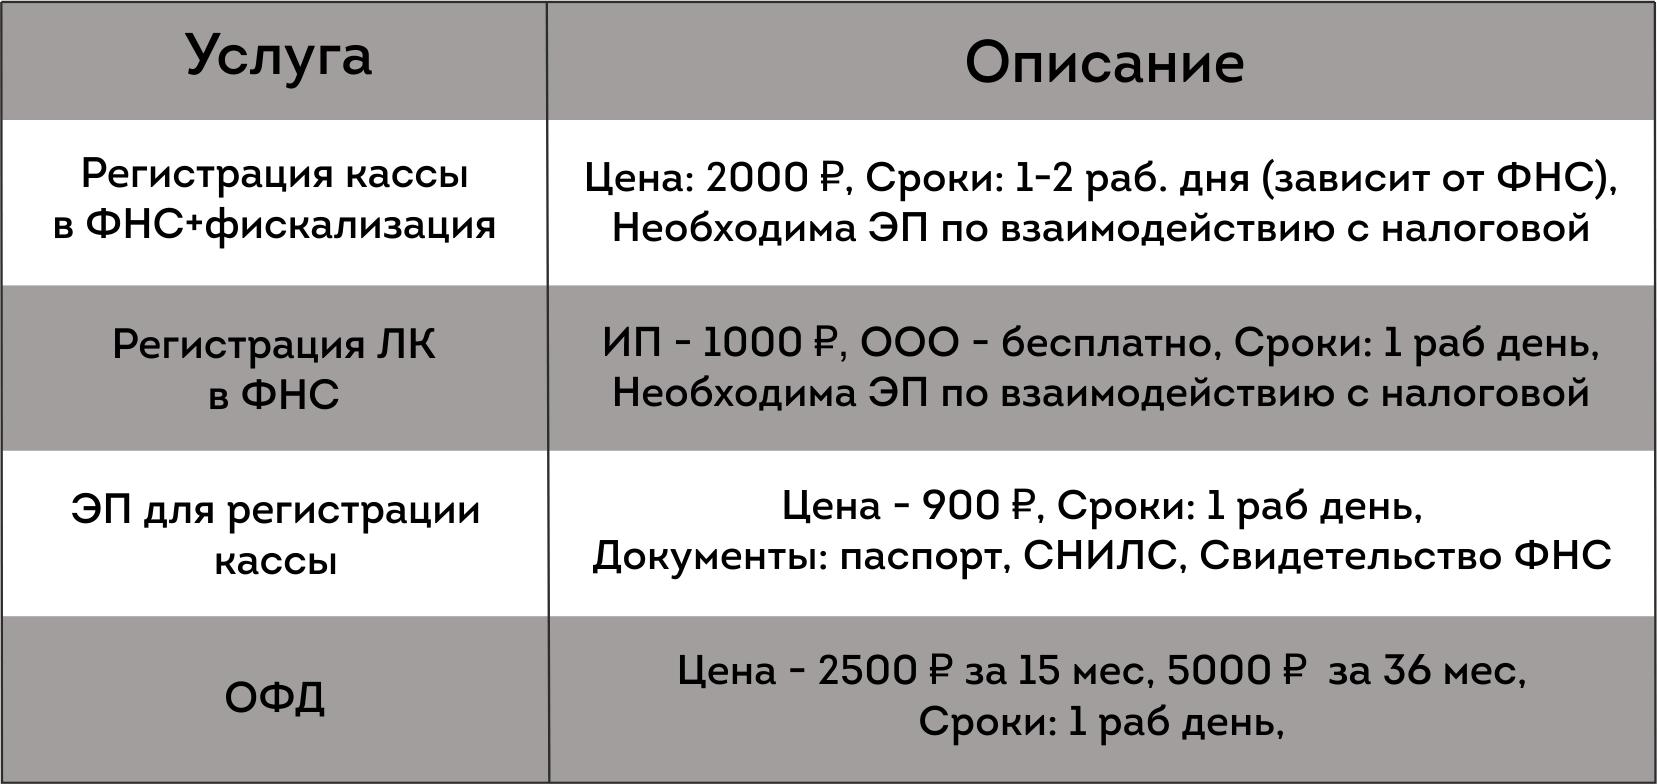 Услуги по регистрации кассы